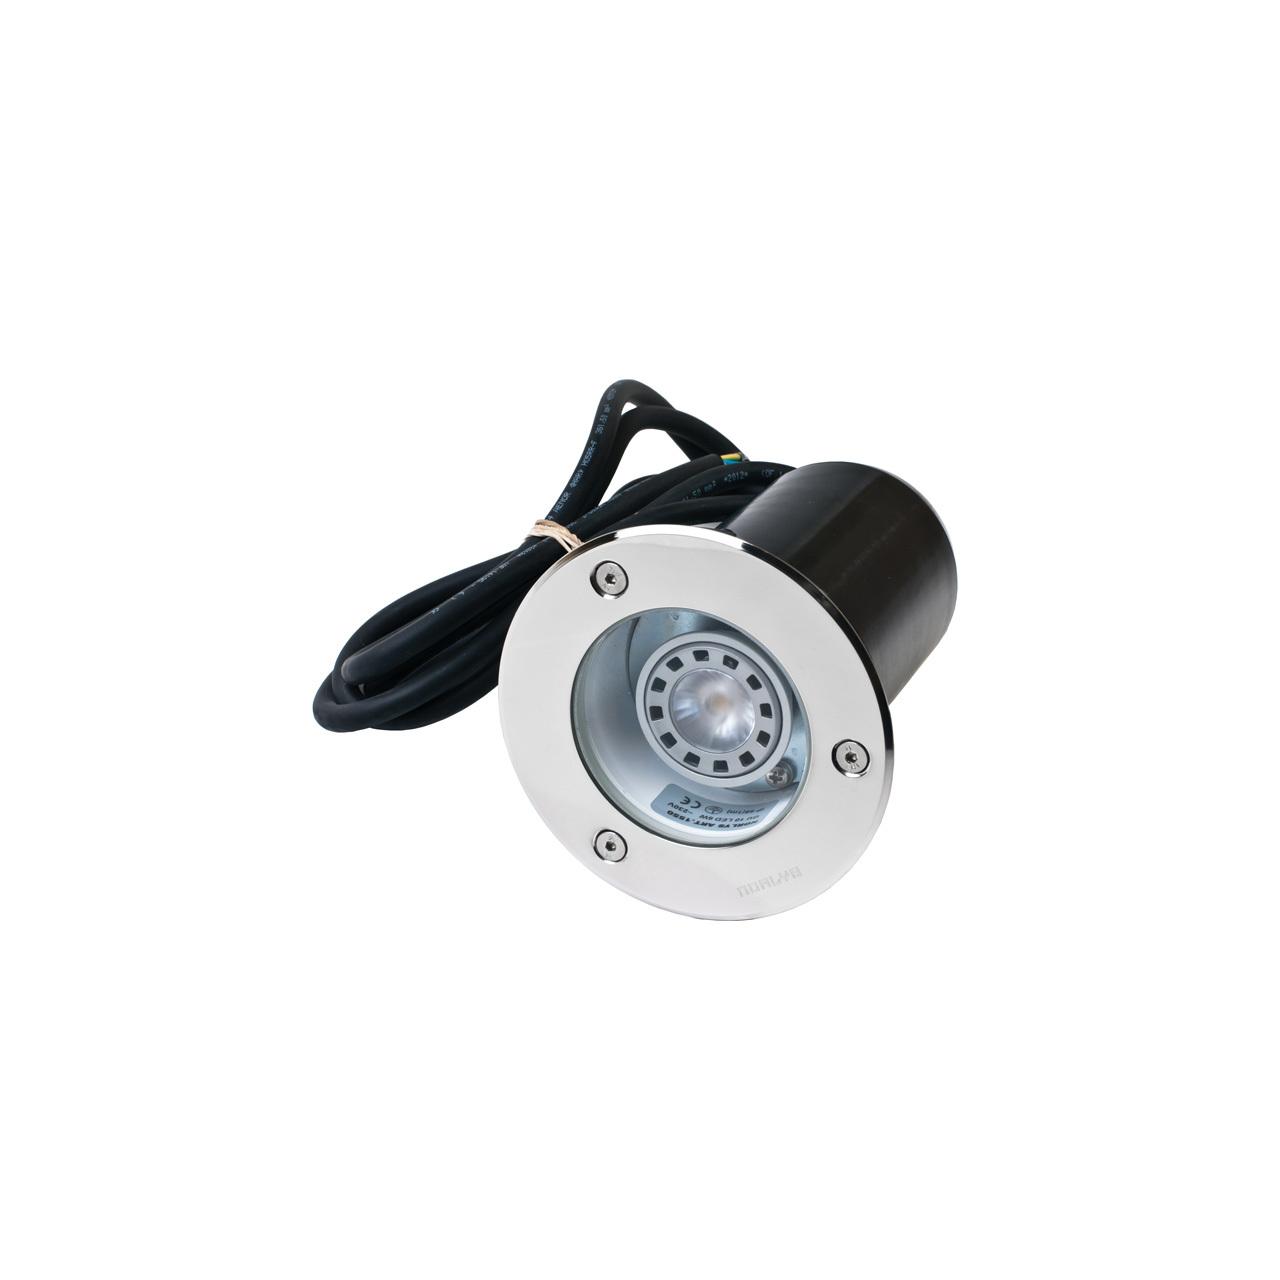 Oprawa najazdowa RENA LED 1550ST -Norlys  SPRAWDŹ RABATY  5-10-15-20 % w koszyku